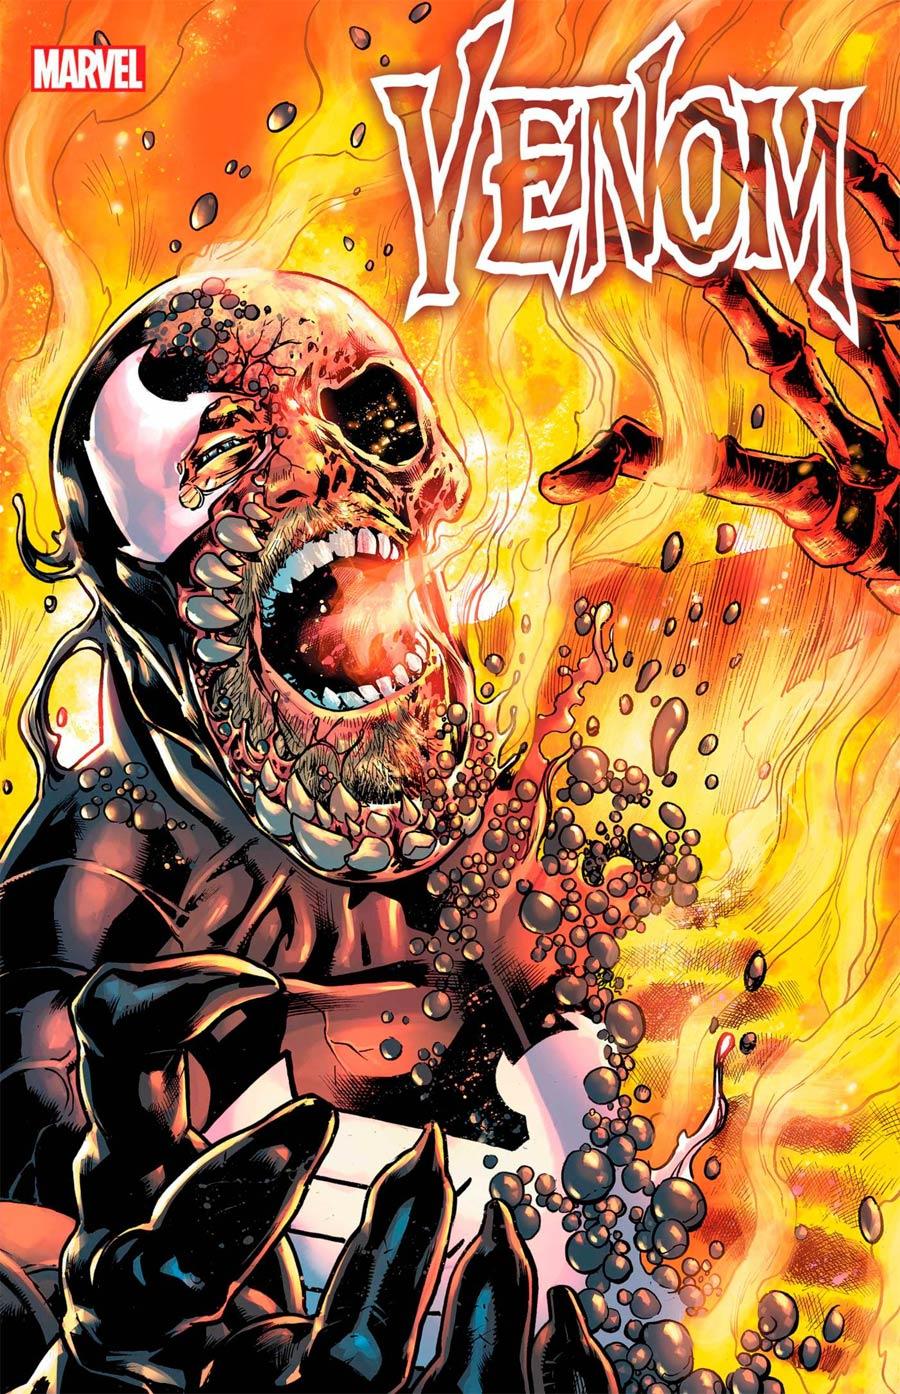 Venom Vol 5 #2 Cover A Regular Bryan Hitch Cover